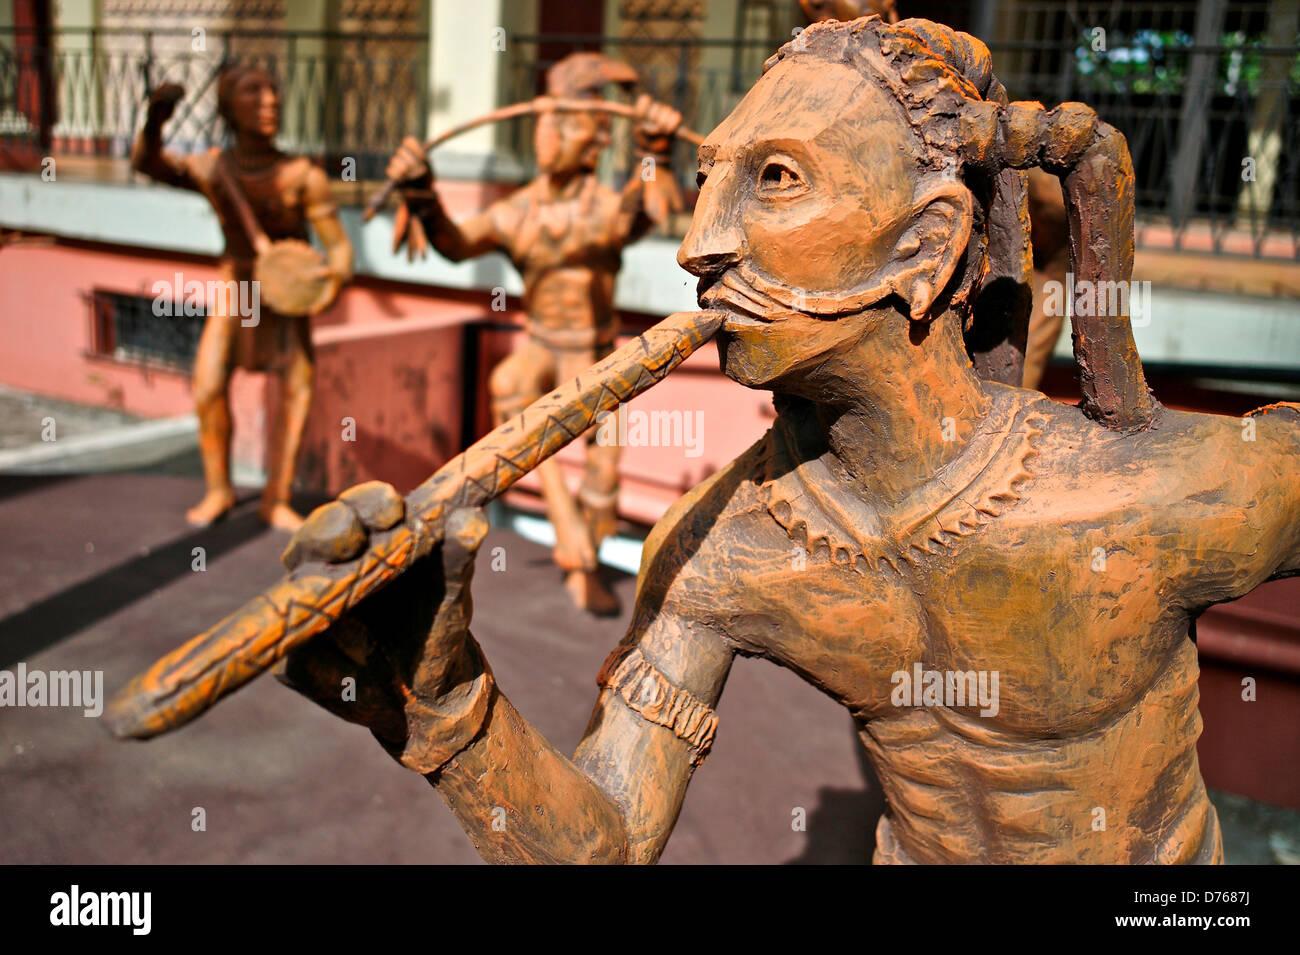 Nicaragua, Managua, Bailarina en honor del dios del cacao en el Palacio de la Cultura Imagen De Stock